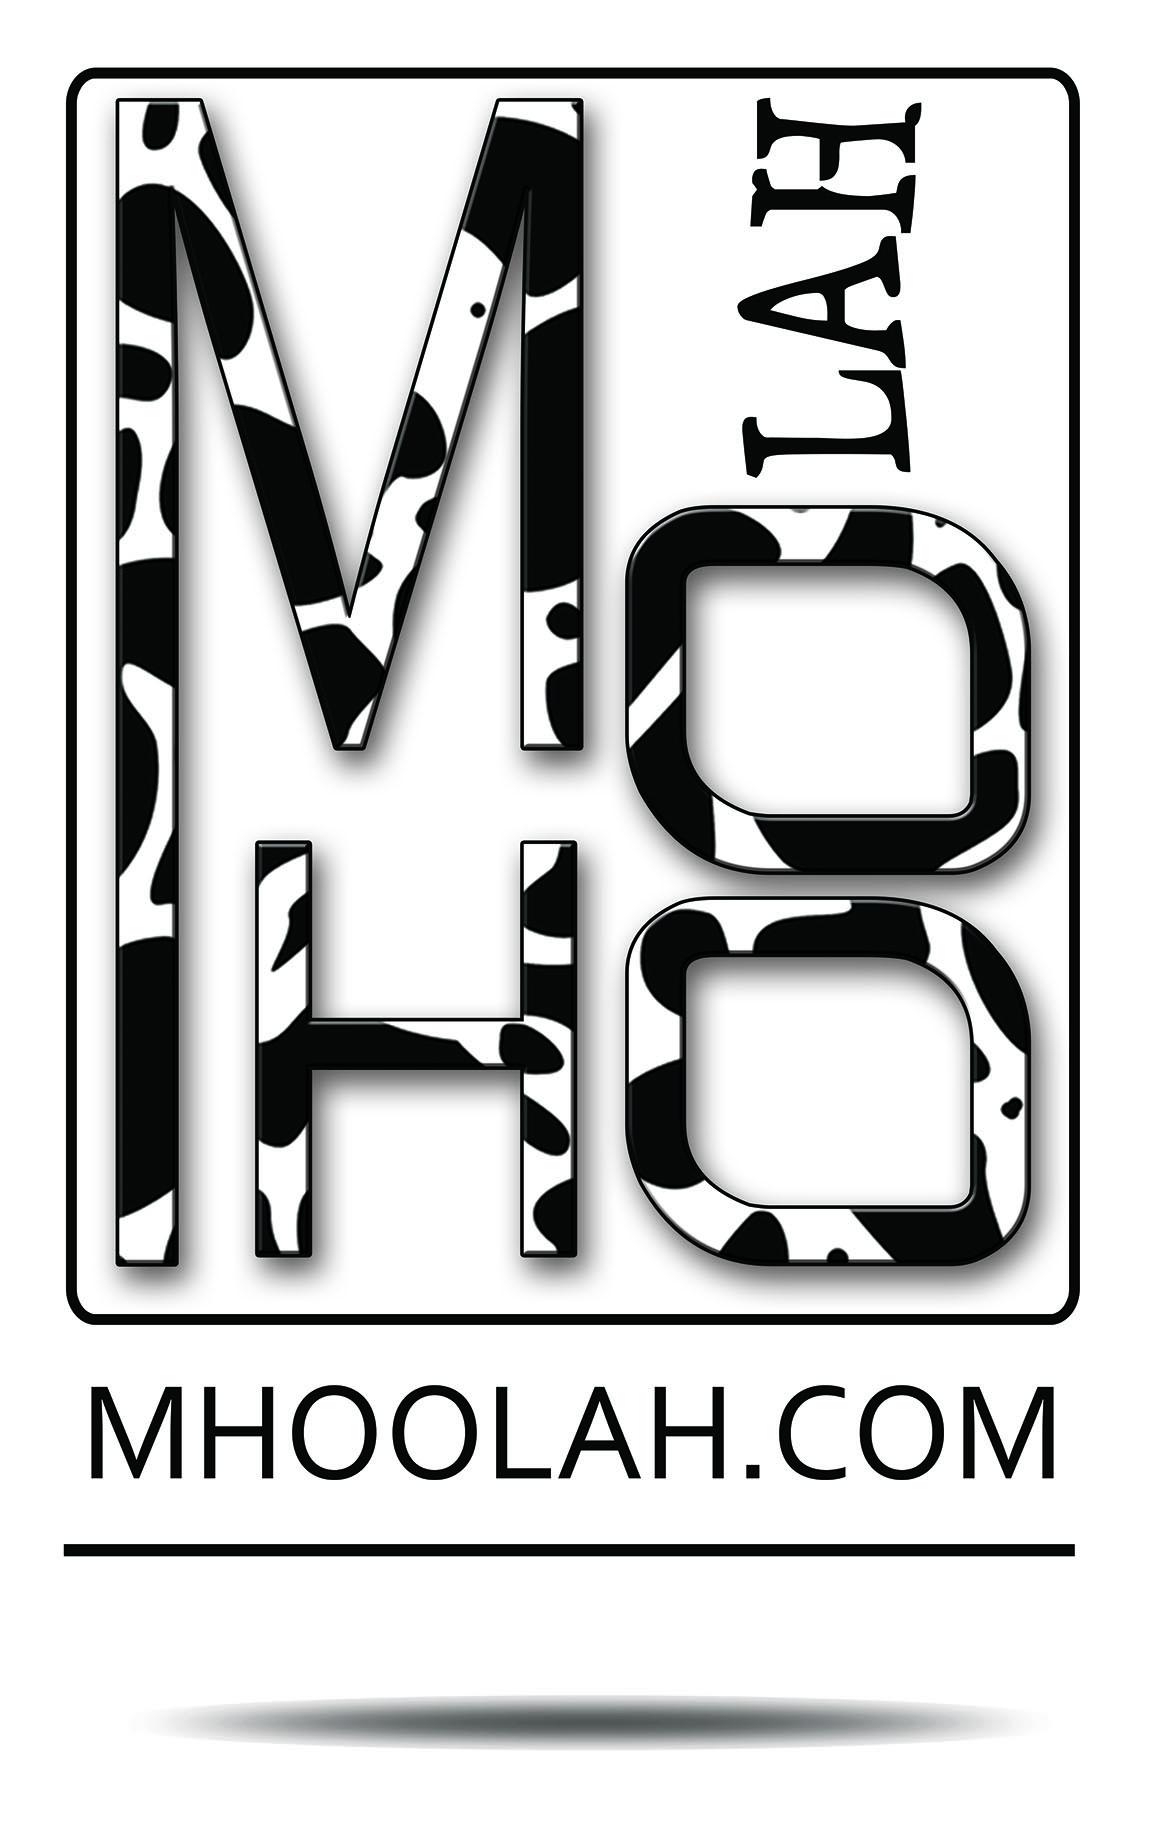 Mhoolah.com logo